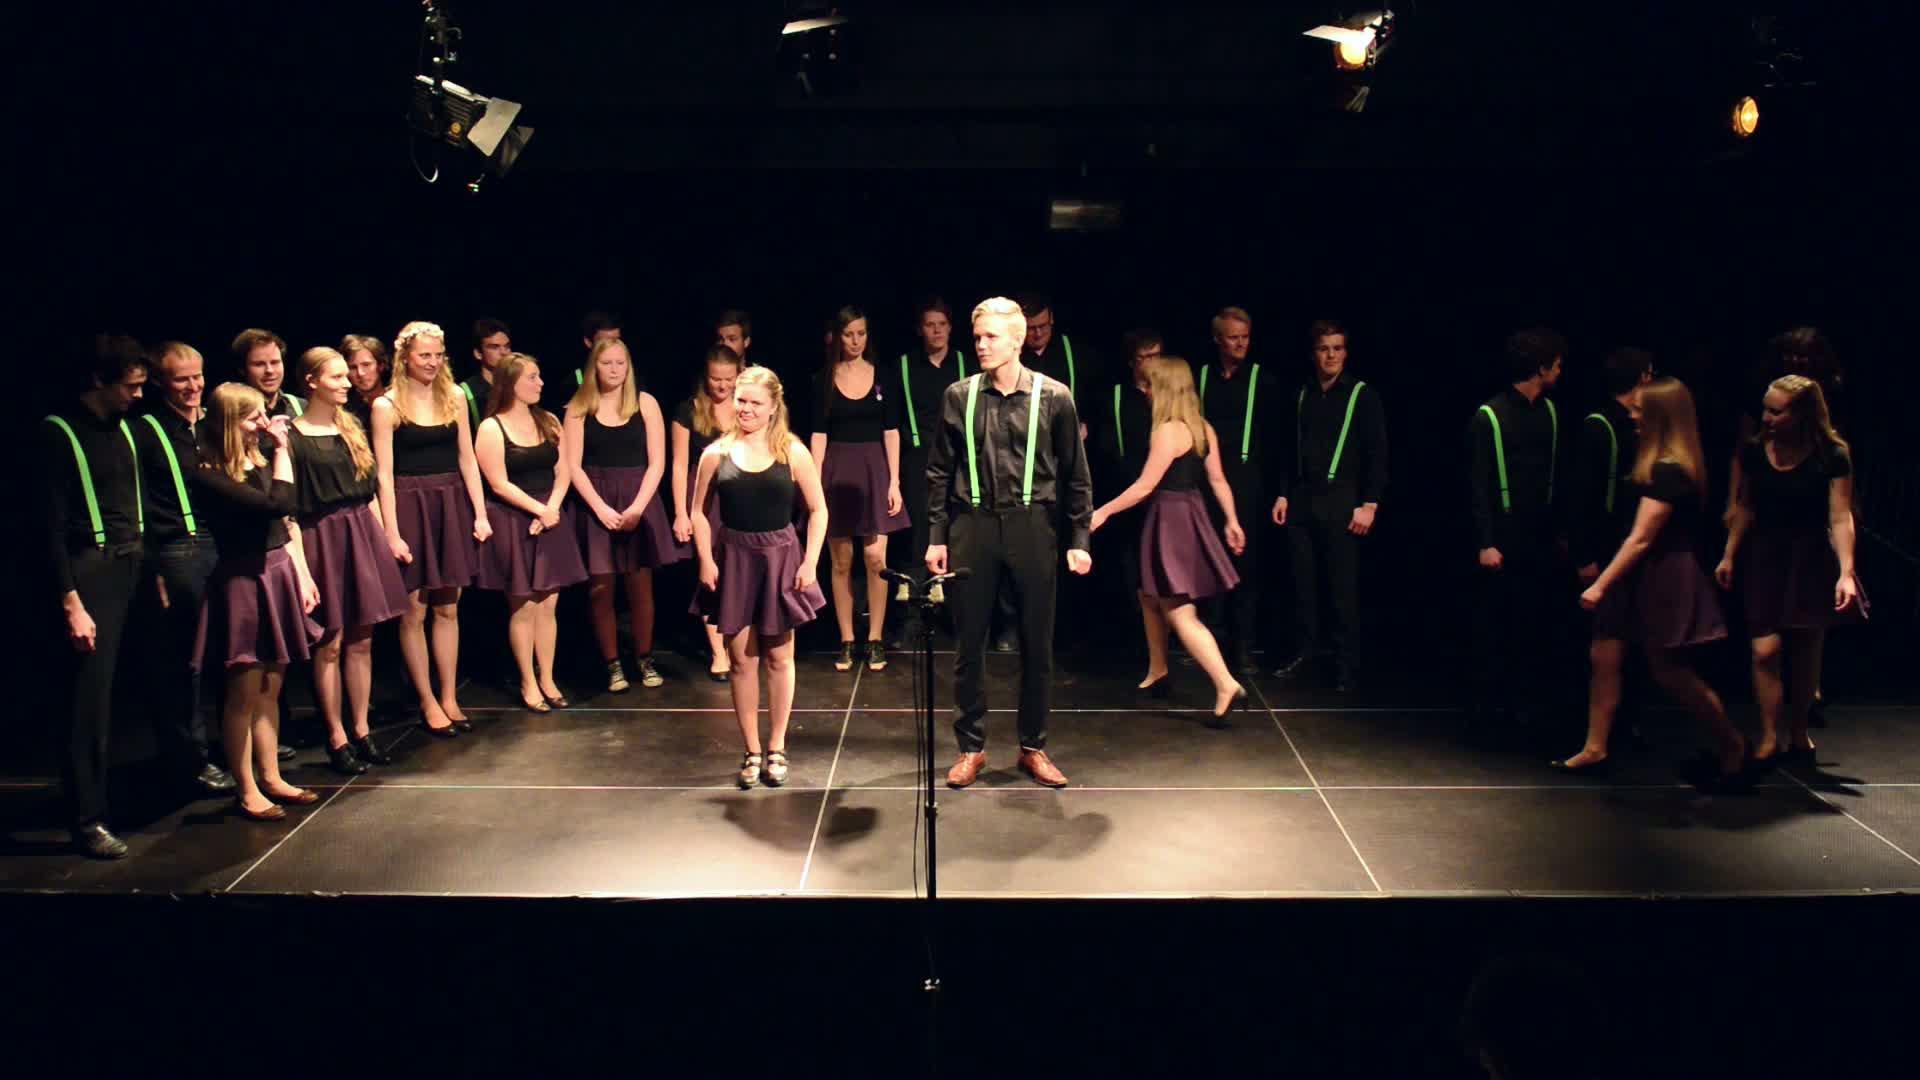 Korkonsert vår '14: Some Nights